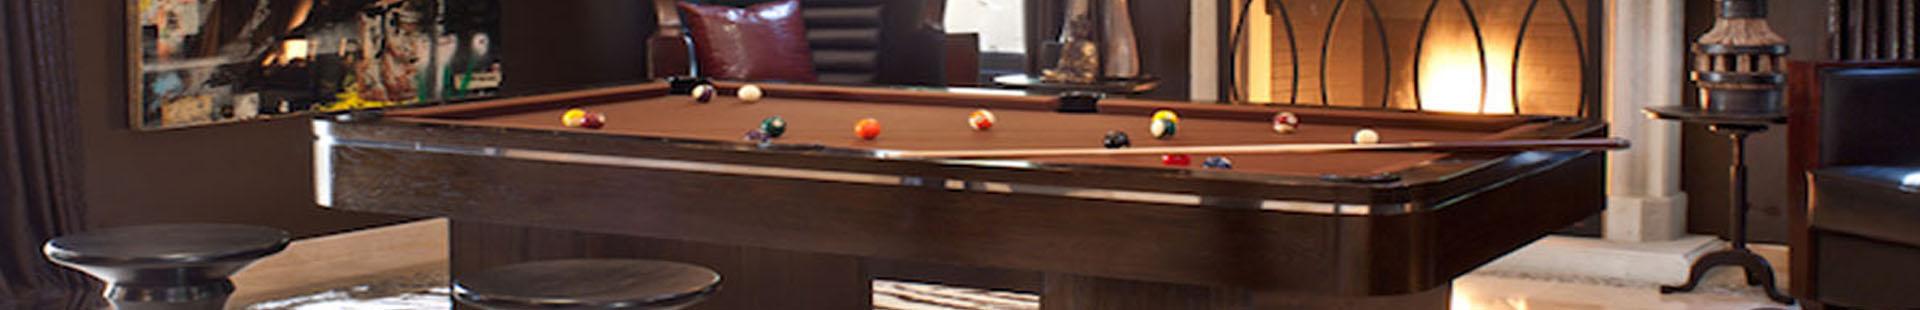 Andromeda Pool Table